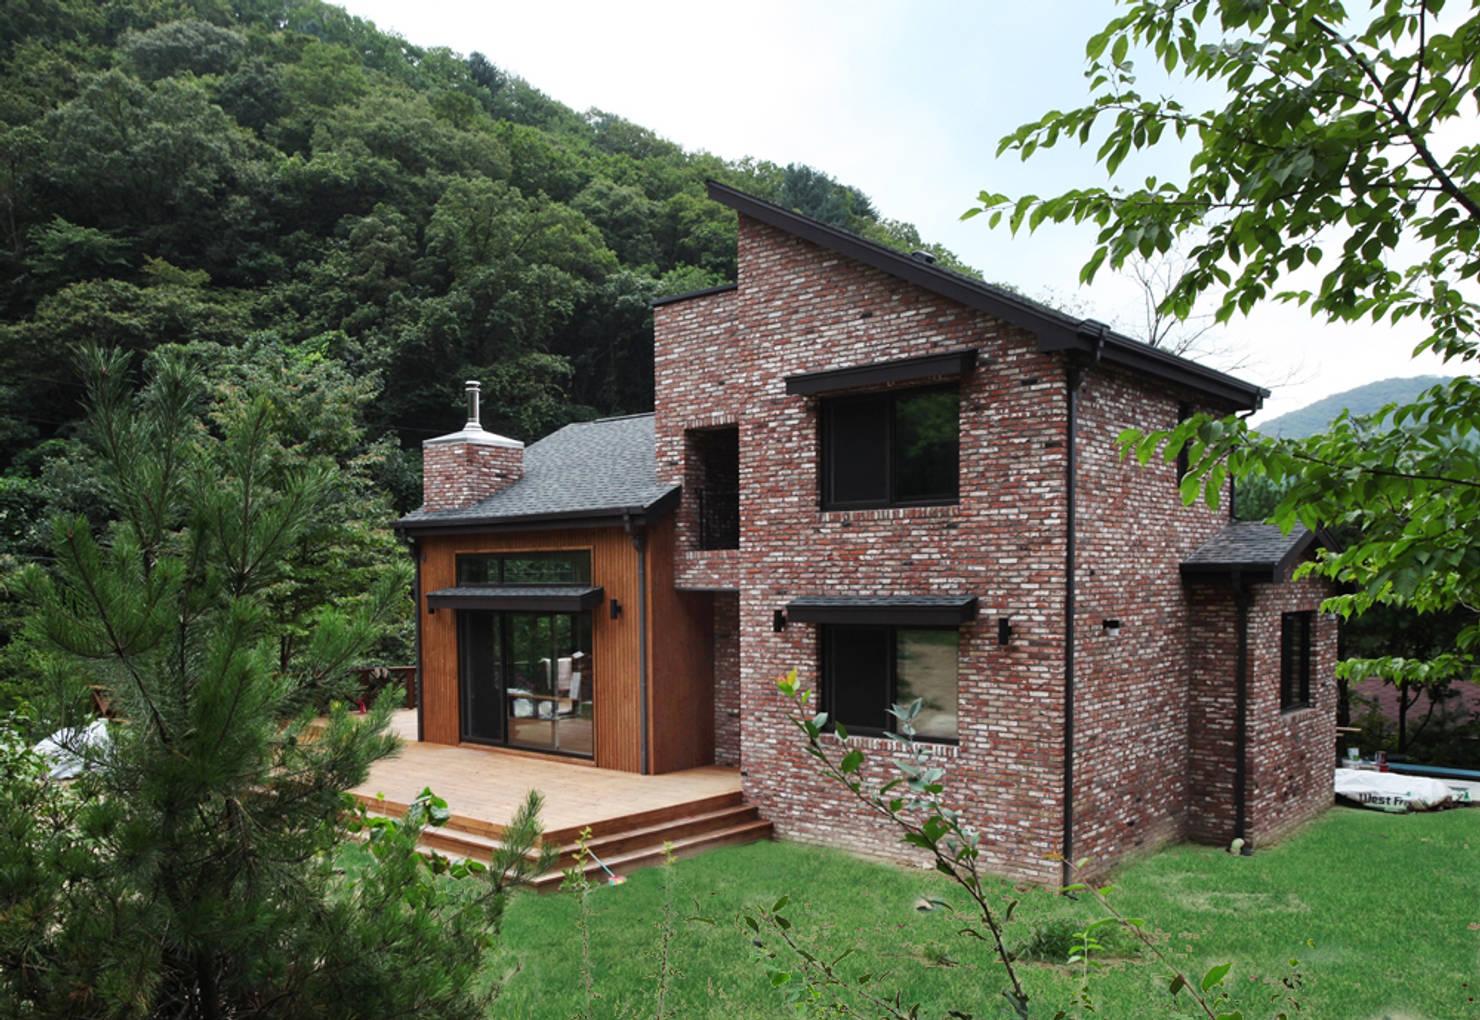 산을 사랑하는 사람을 위한 집, 산과 함께하는 주택 11